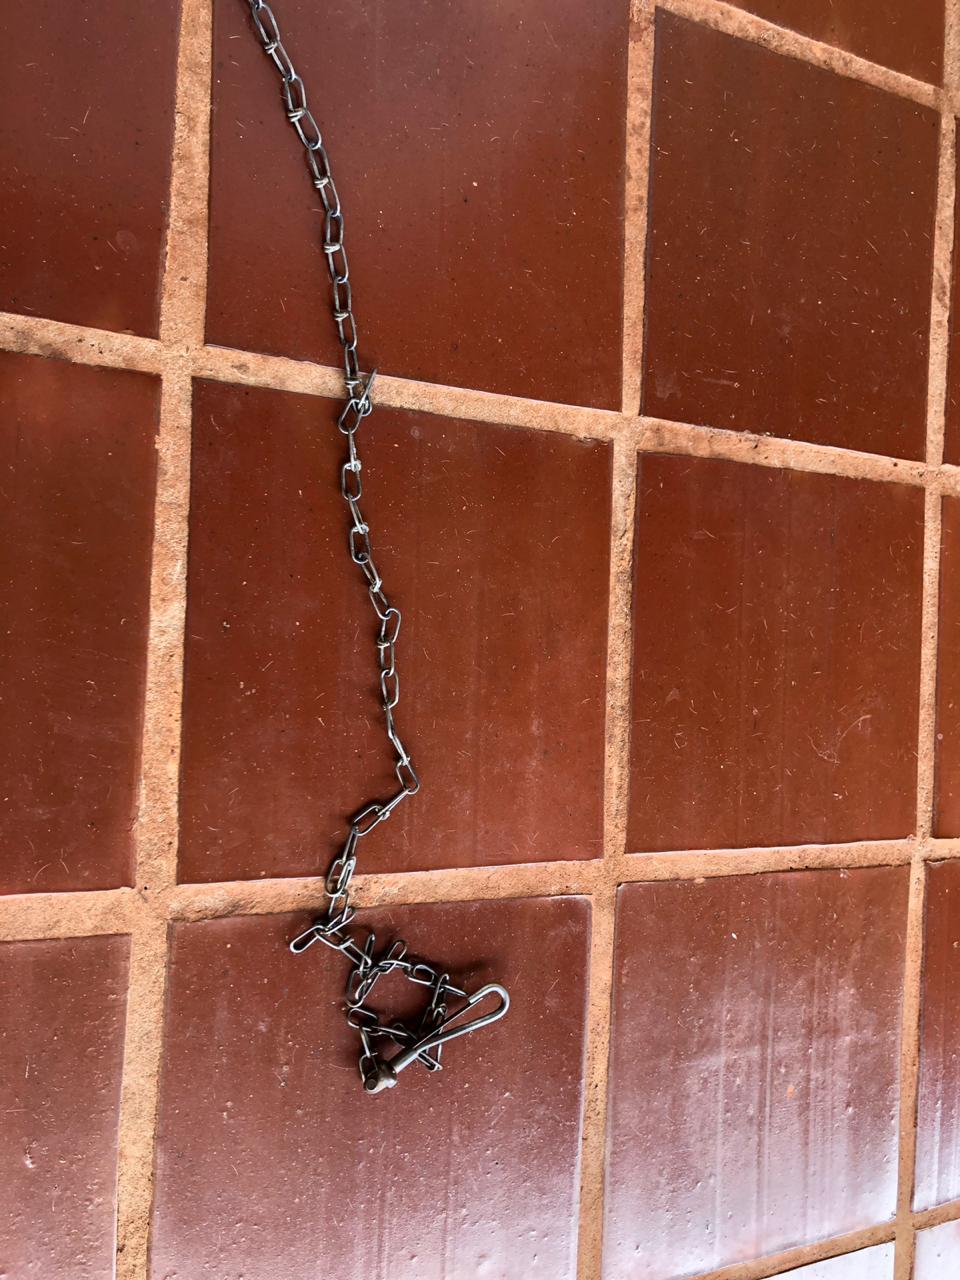 Corrente utilizada como coleira perfurou a pata do animal (Foto: Bombeiros/Divulgação)